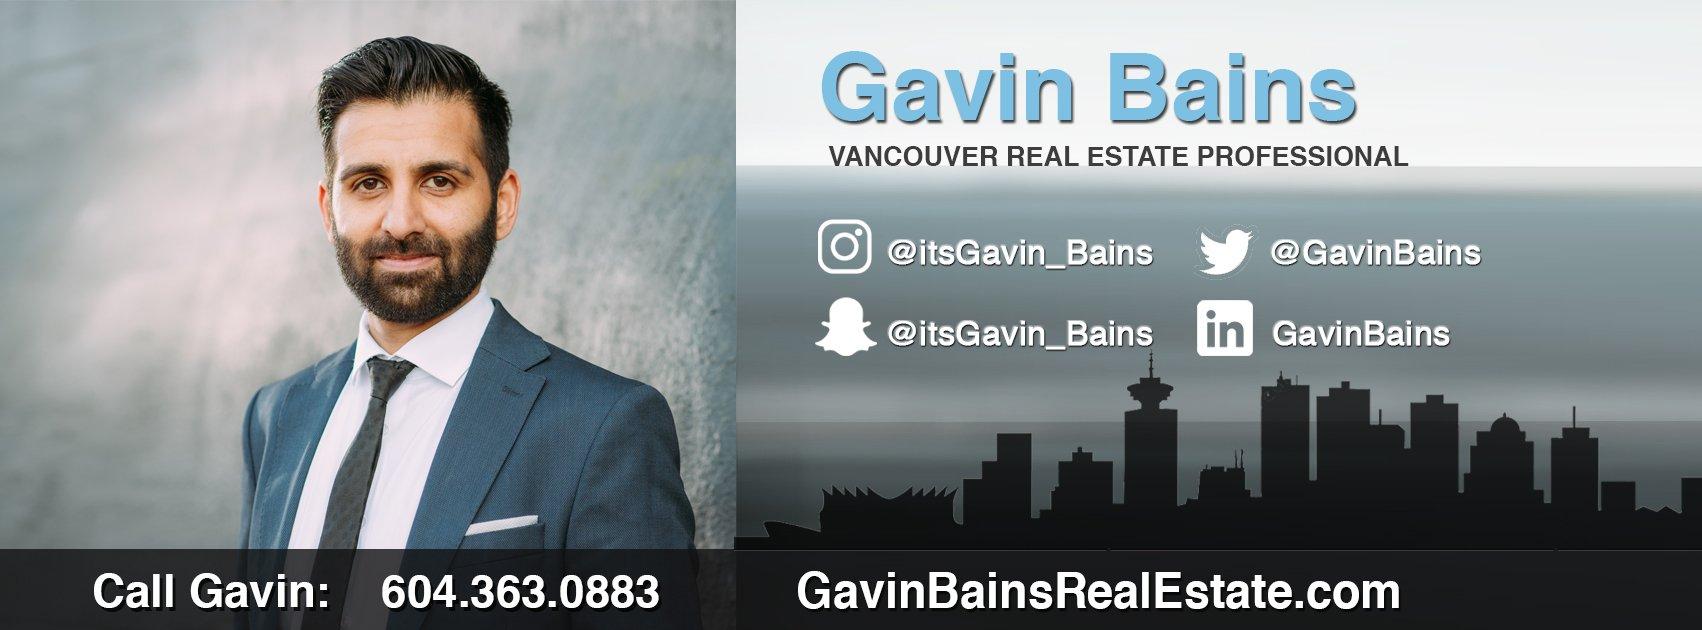 Gavin Bains